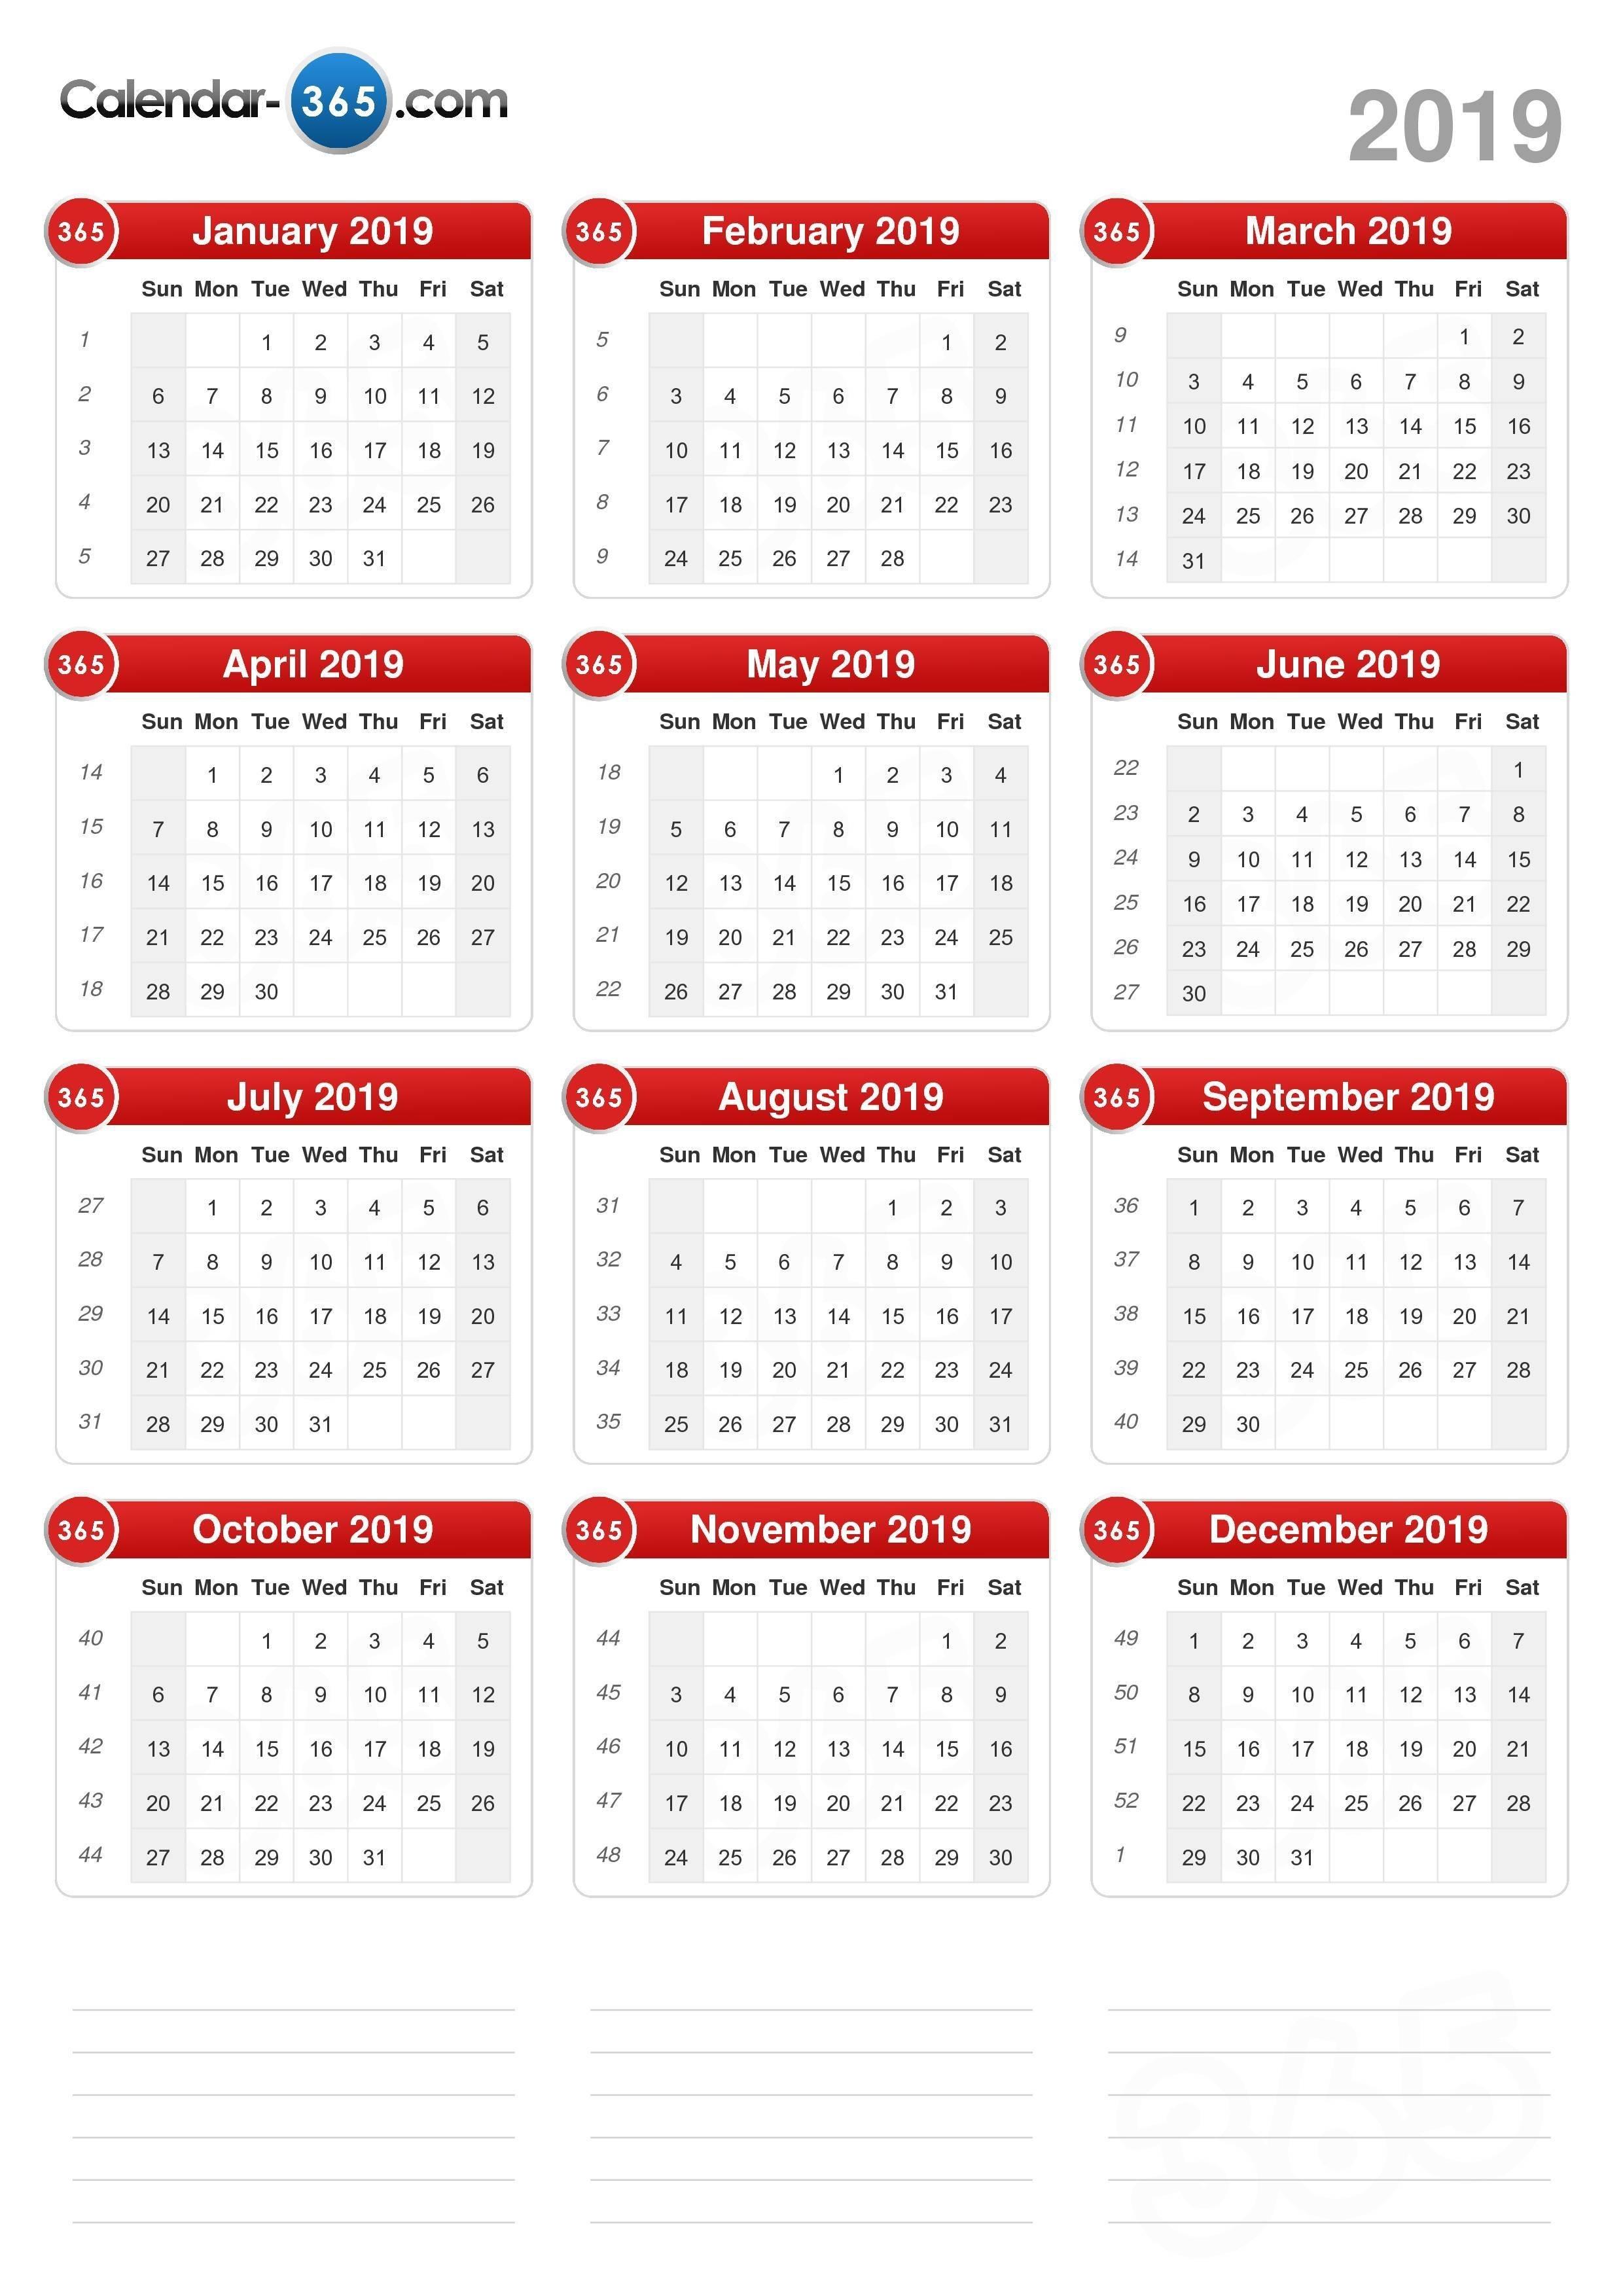 2019 Calendar Calendar Week 8 2019